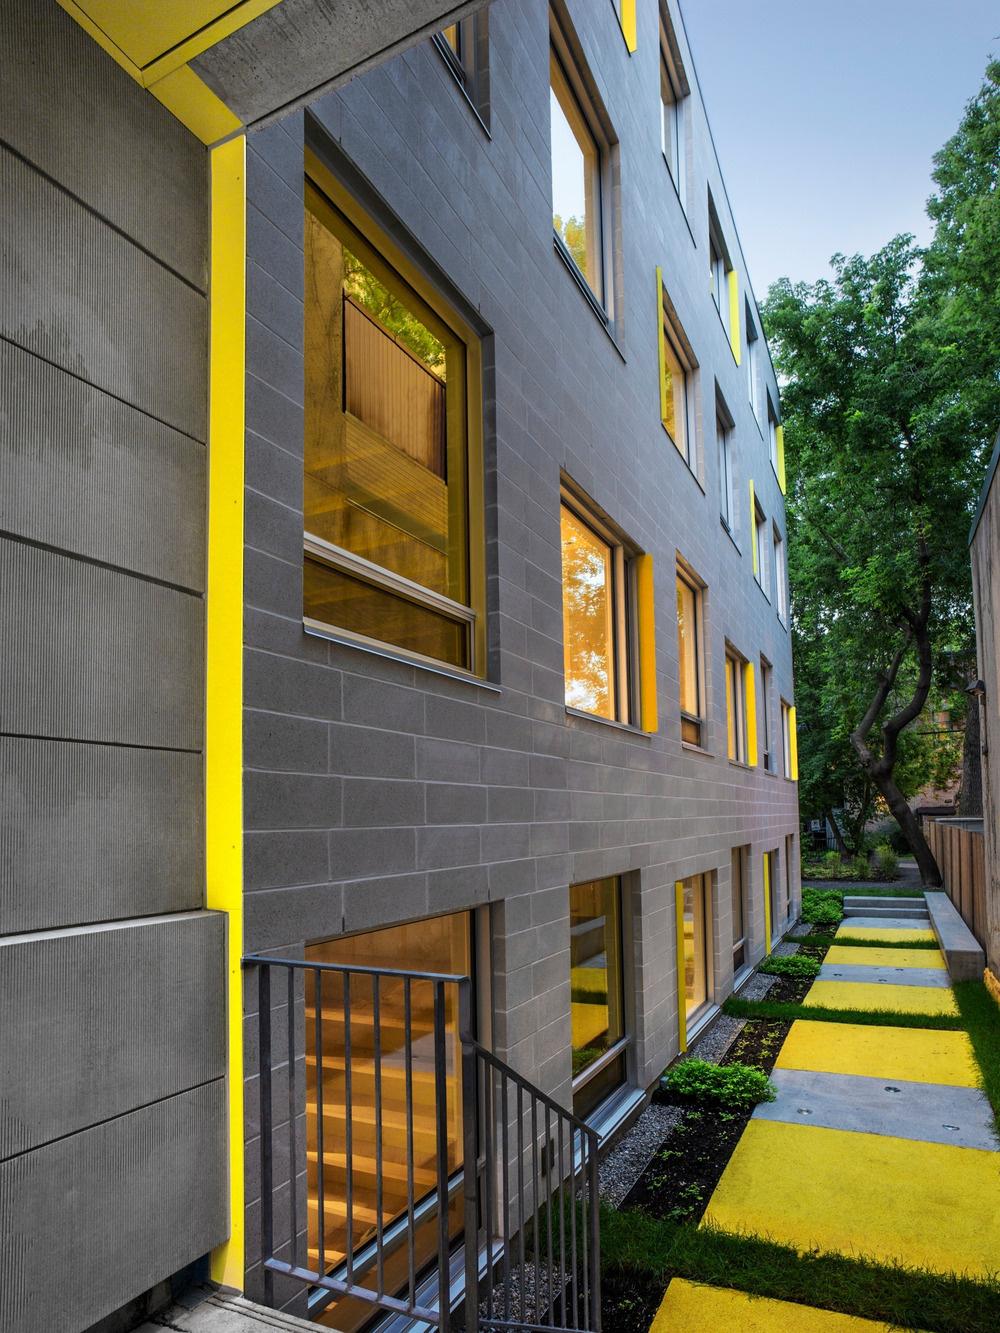 Žltý akcent na sivom pozadí sa objavuje aj v zadnej časti exteriéru: na fasáde a dvore. Strohému vzhľadu murovanej budovy tak dodáva svieži, mladistvý vzhľad, čo zodpovedá jej účelu.